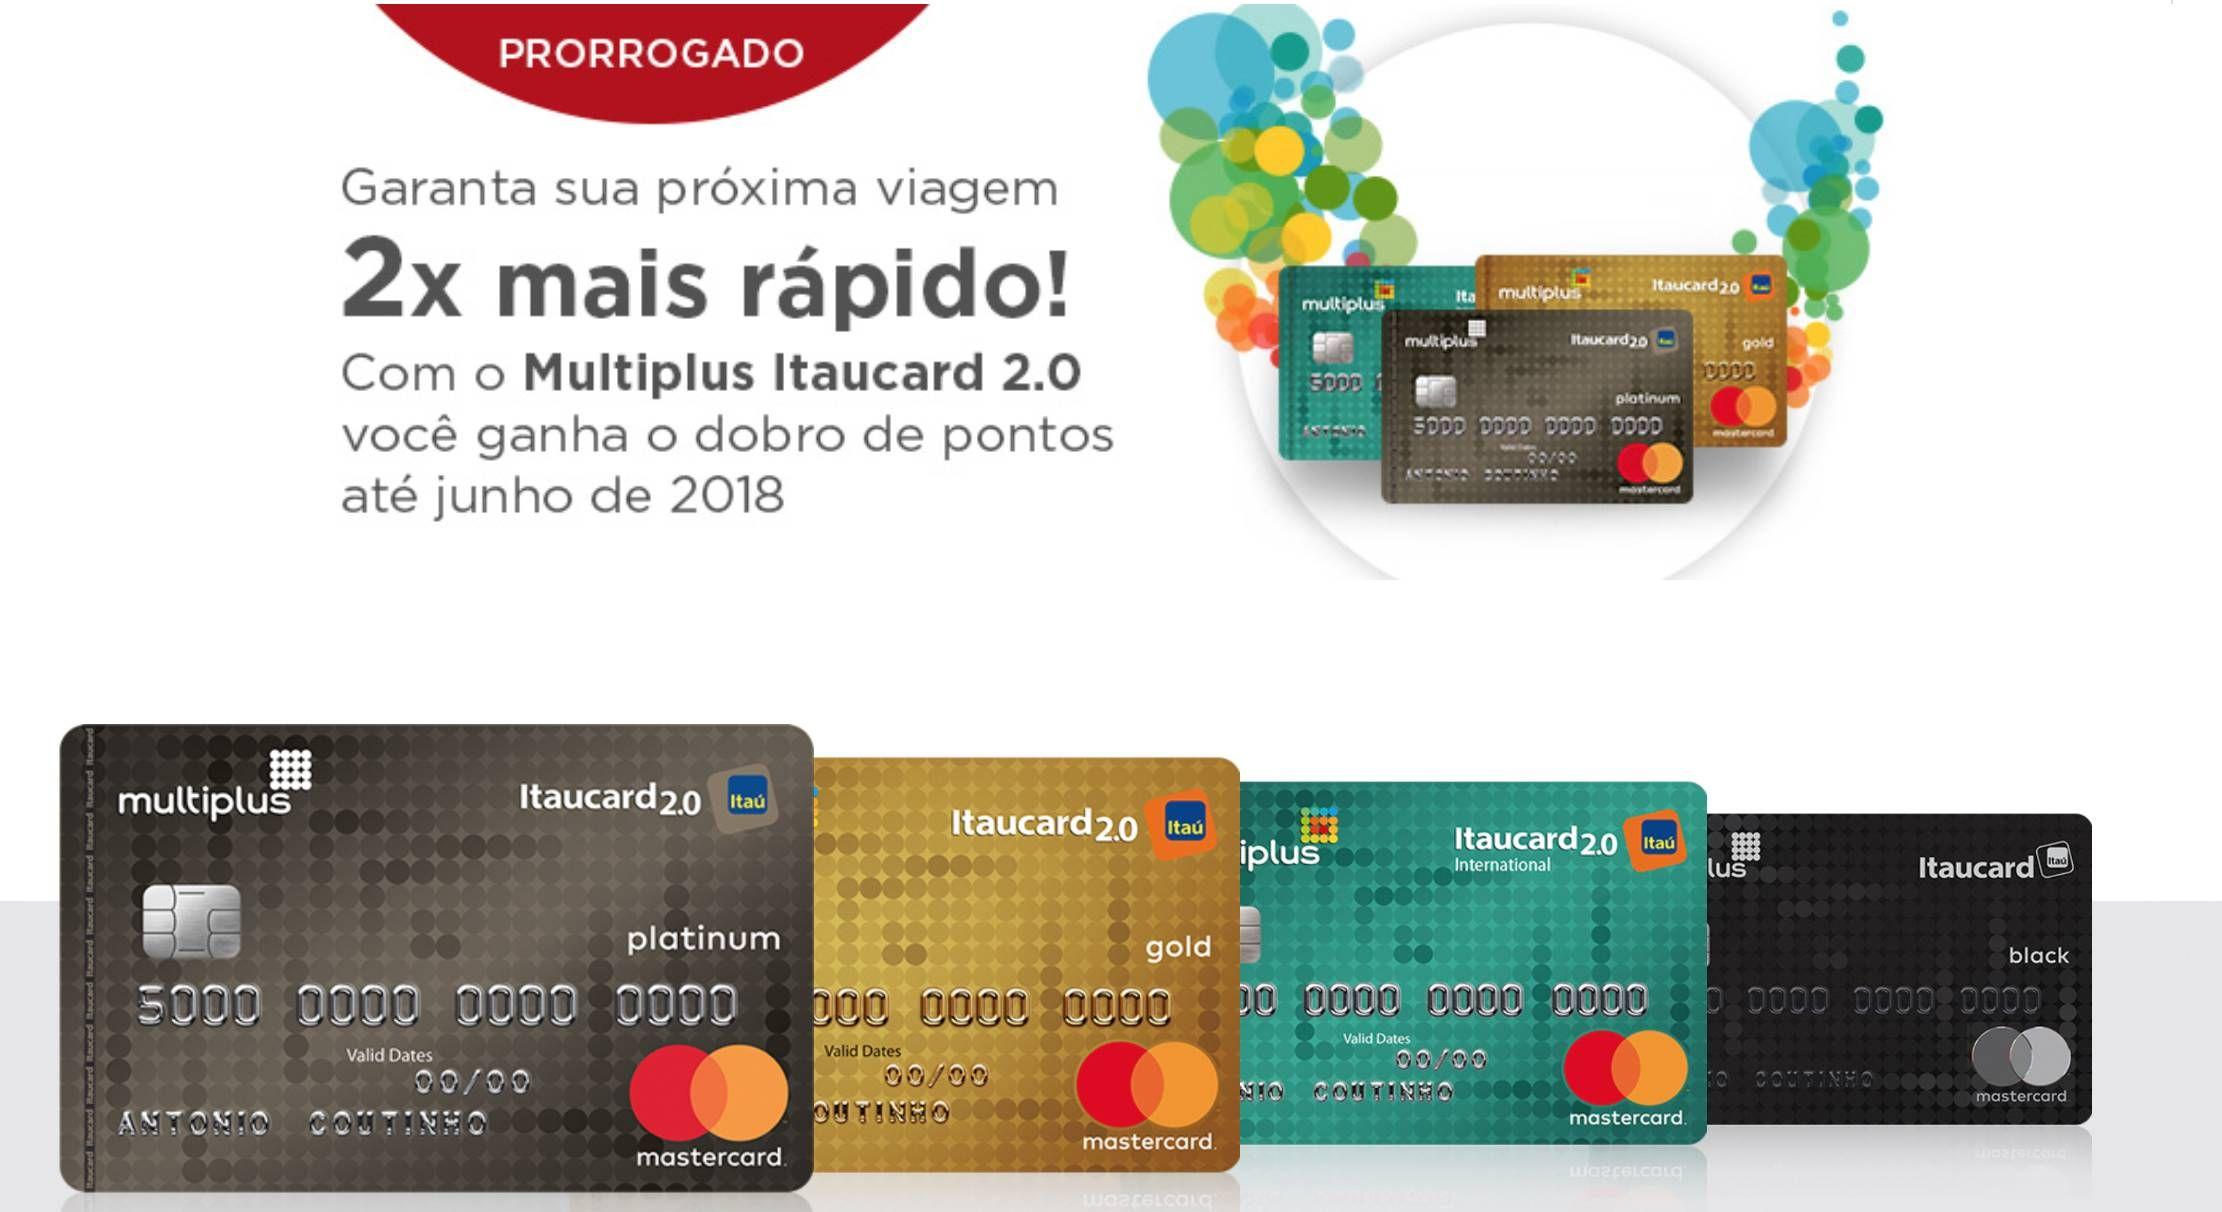 Multiplus vai dar o dobro de pontos para quem contratar seu cartão de crédito em Dezembro